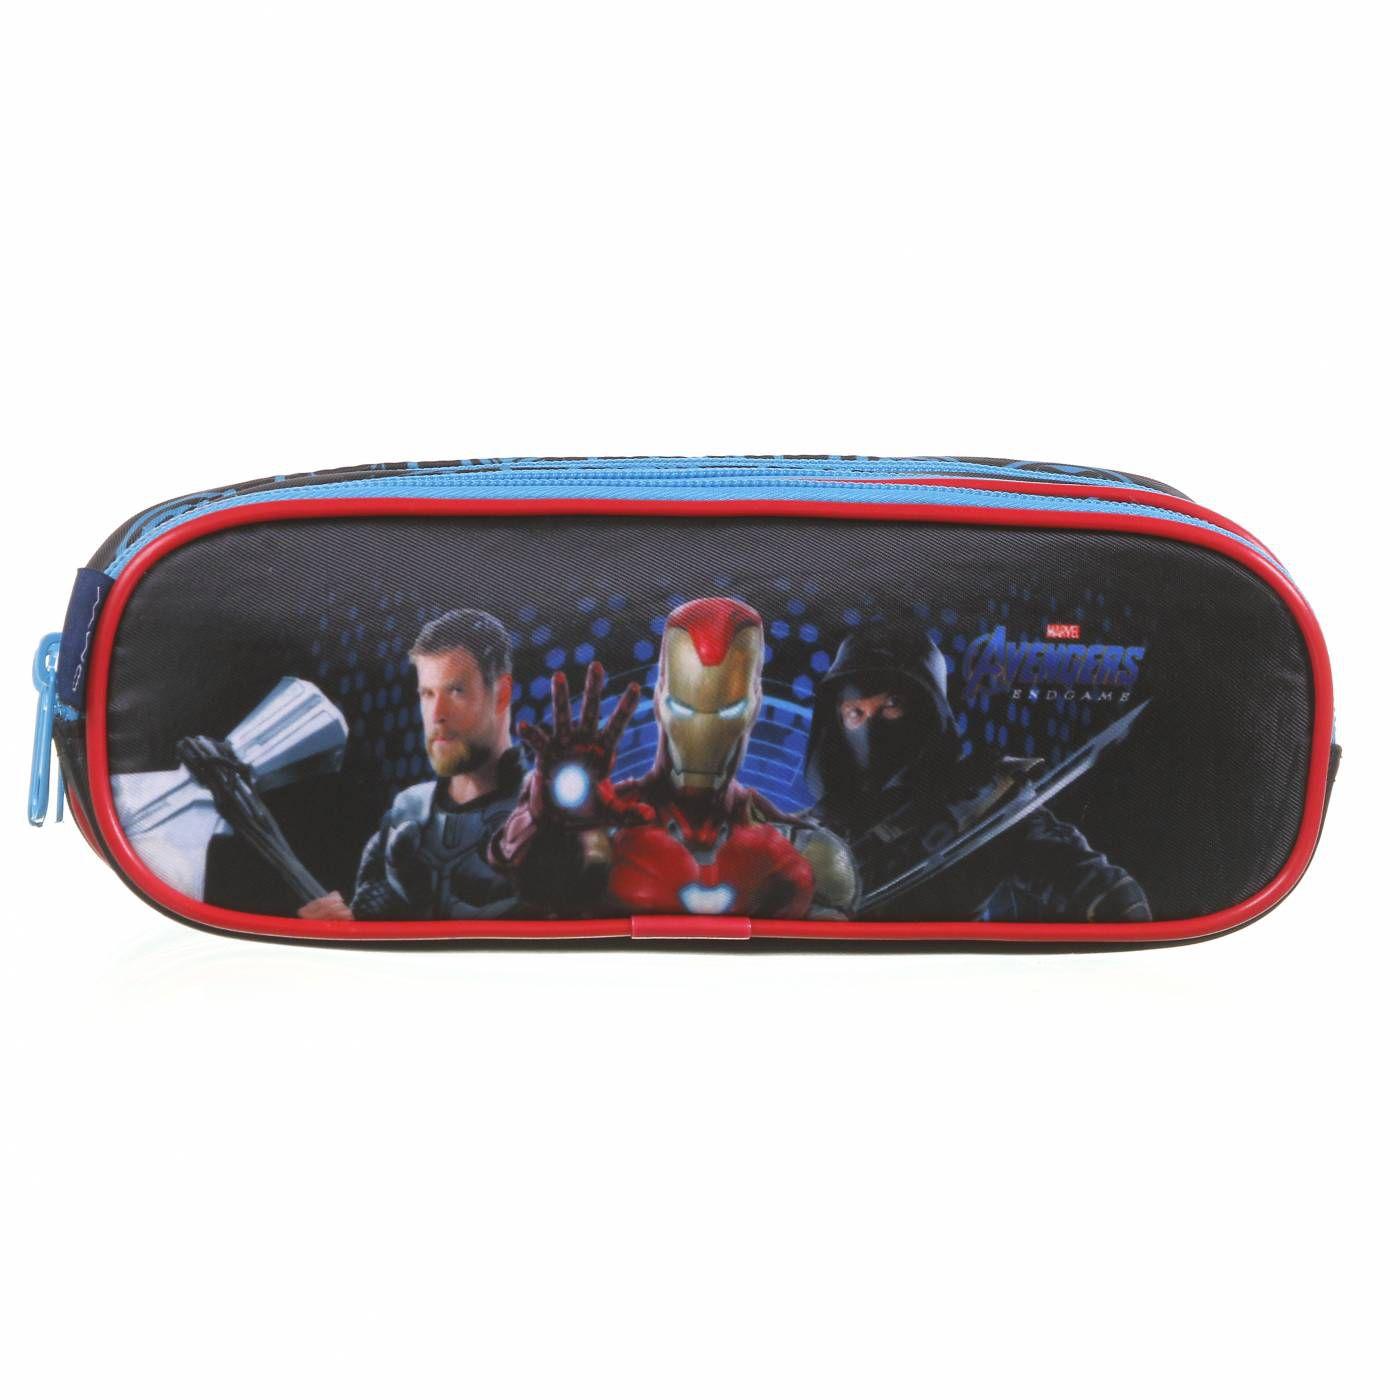 Estojo Escolar Triplo DMW Avengers Ref. 11627